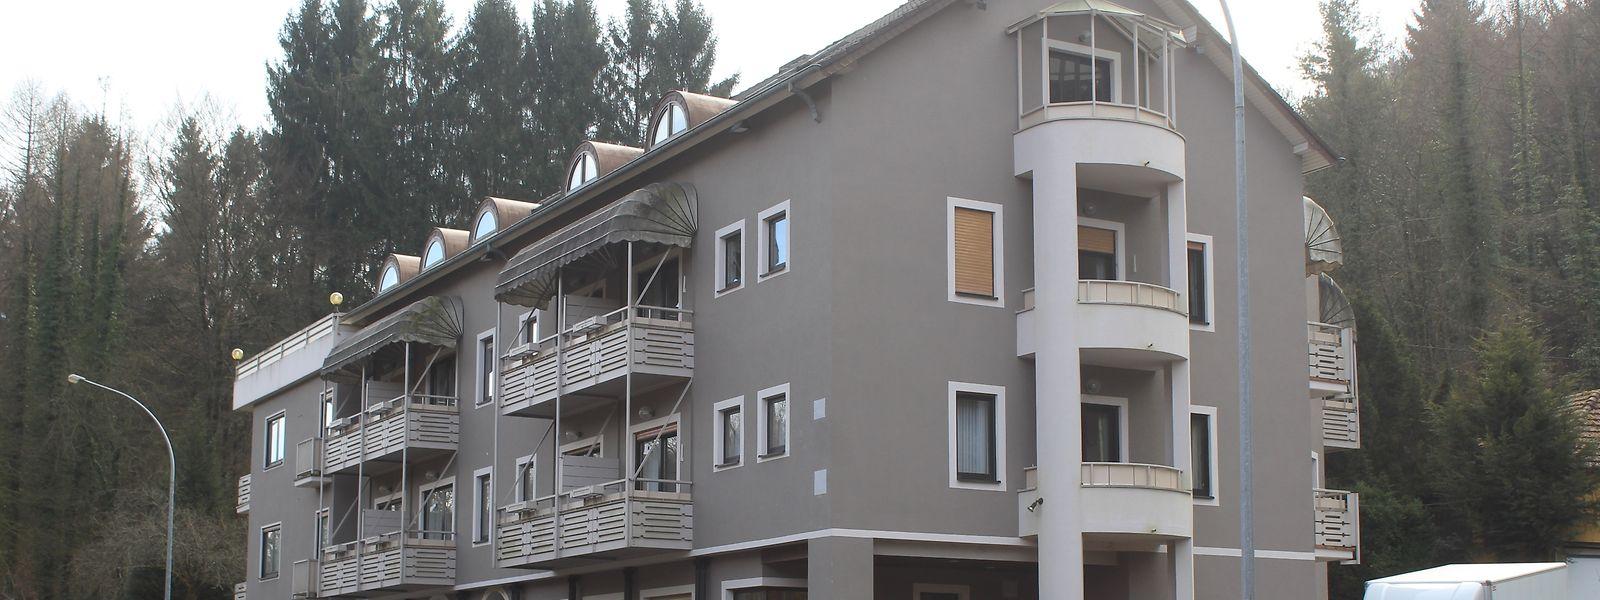 Mangels Erweiterungsmöglichkeit fand sich niemand, der das Hotel Schumacher weiter betreiben wollte.